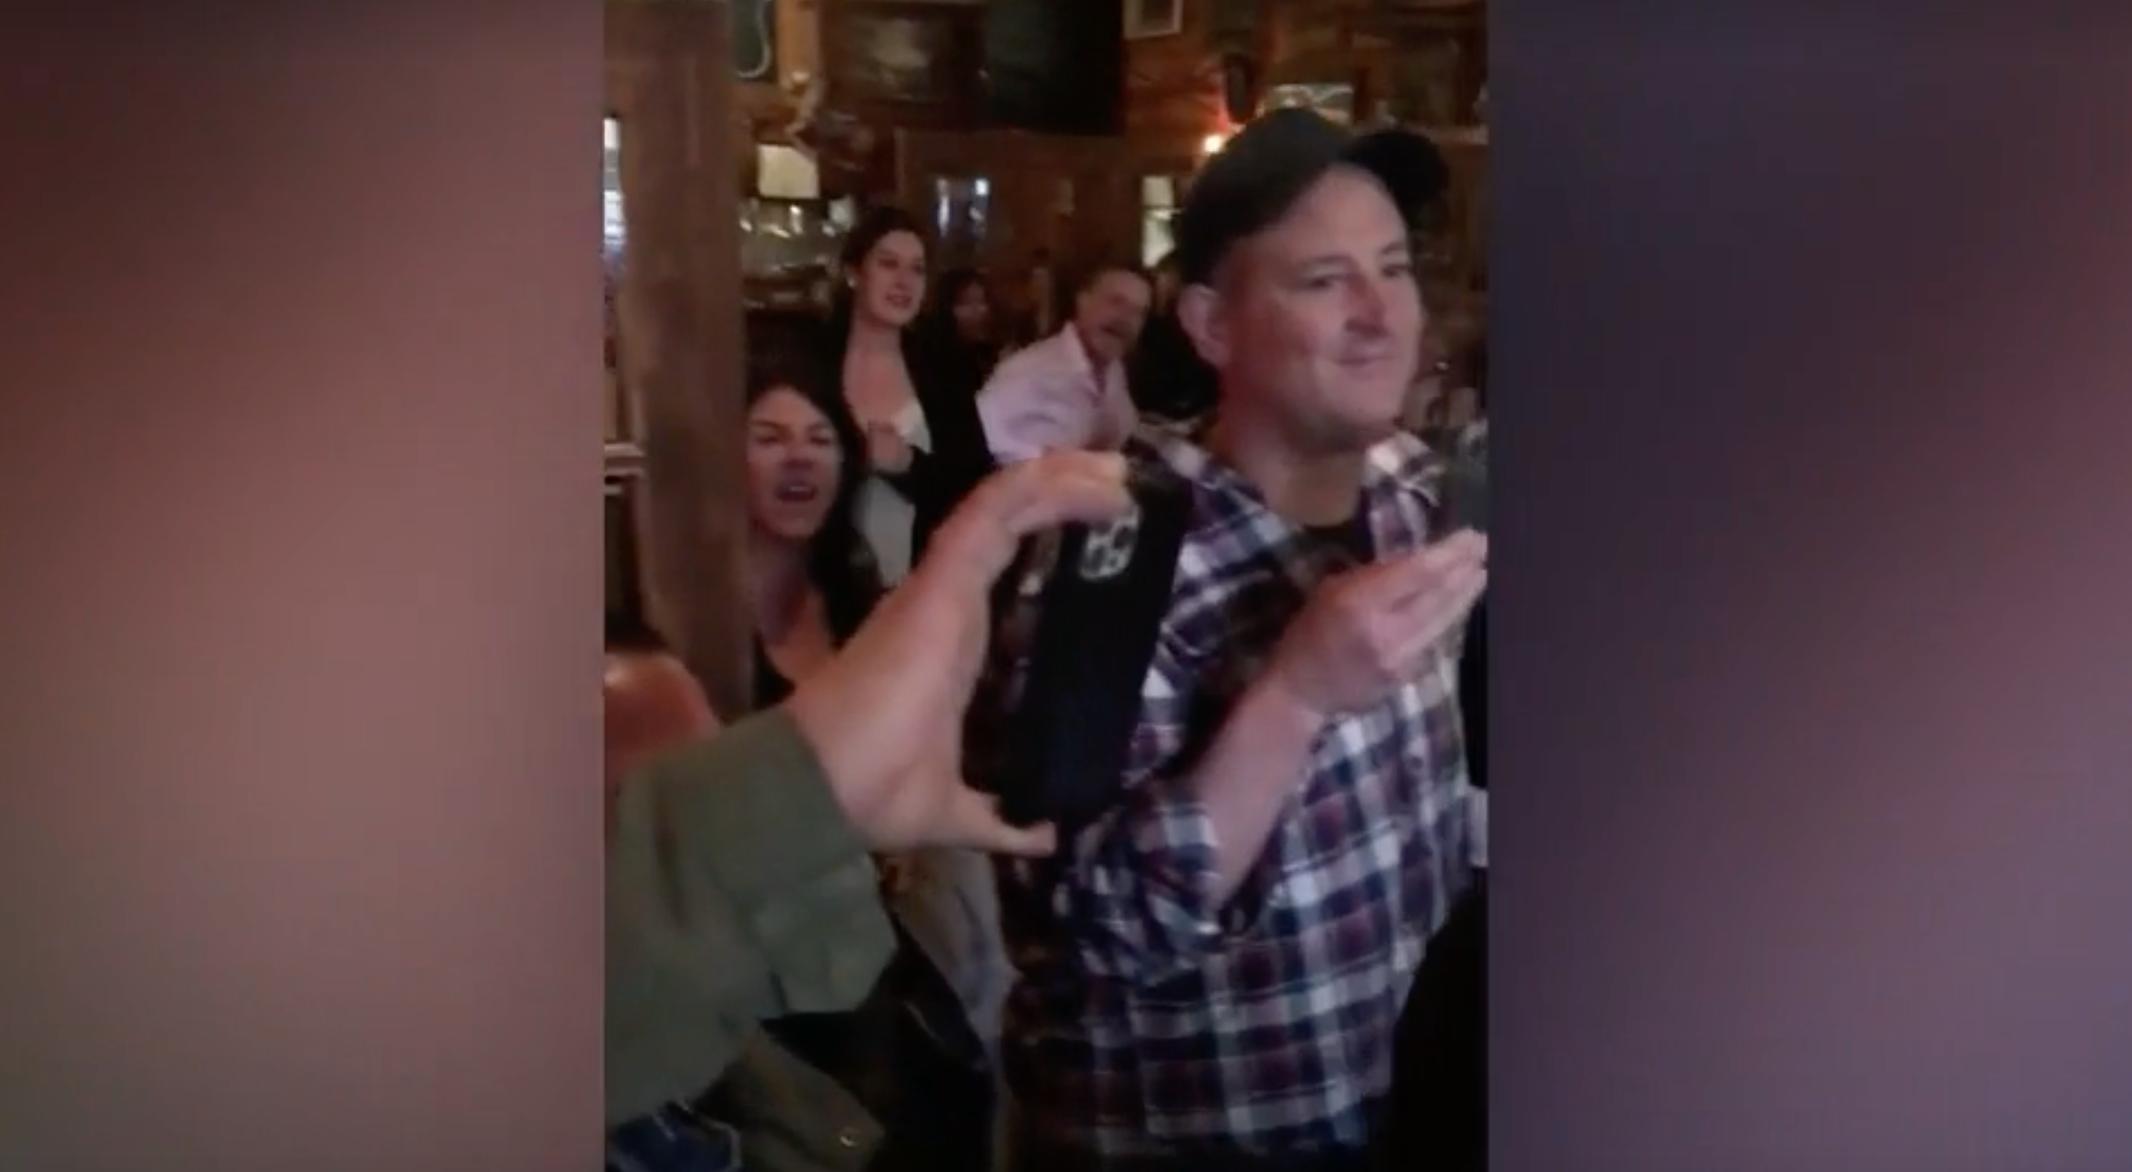 Kanadában egy zsúfolt étteremből maszk nélküliek tömege küldte ki kiabálva az egészségügyi ellenőröket